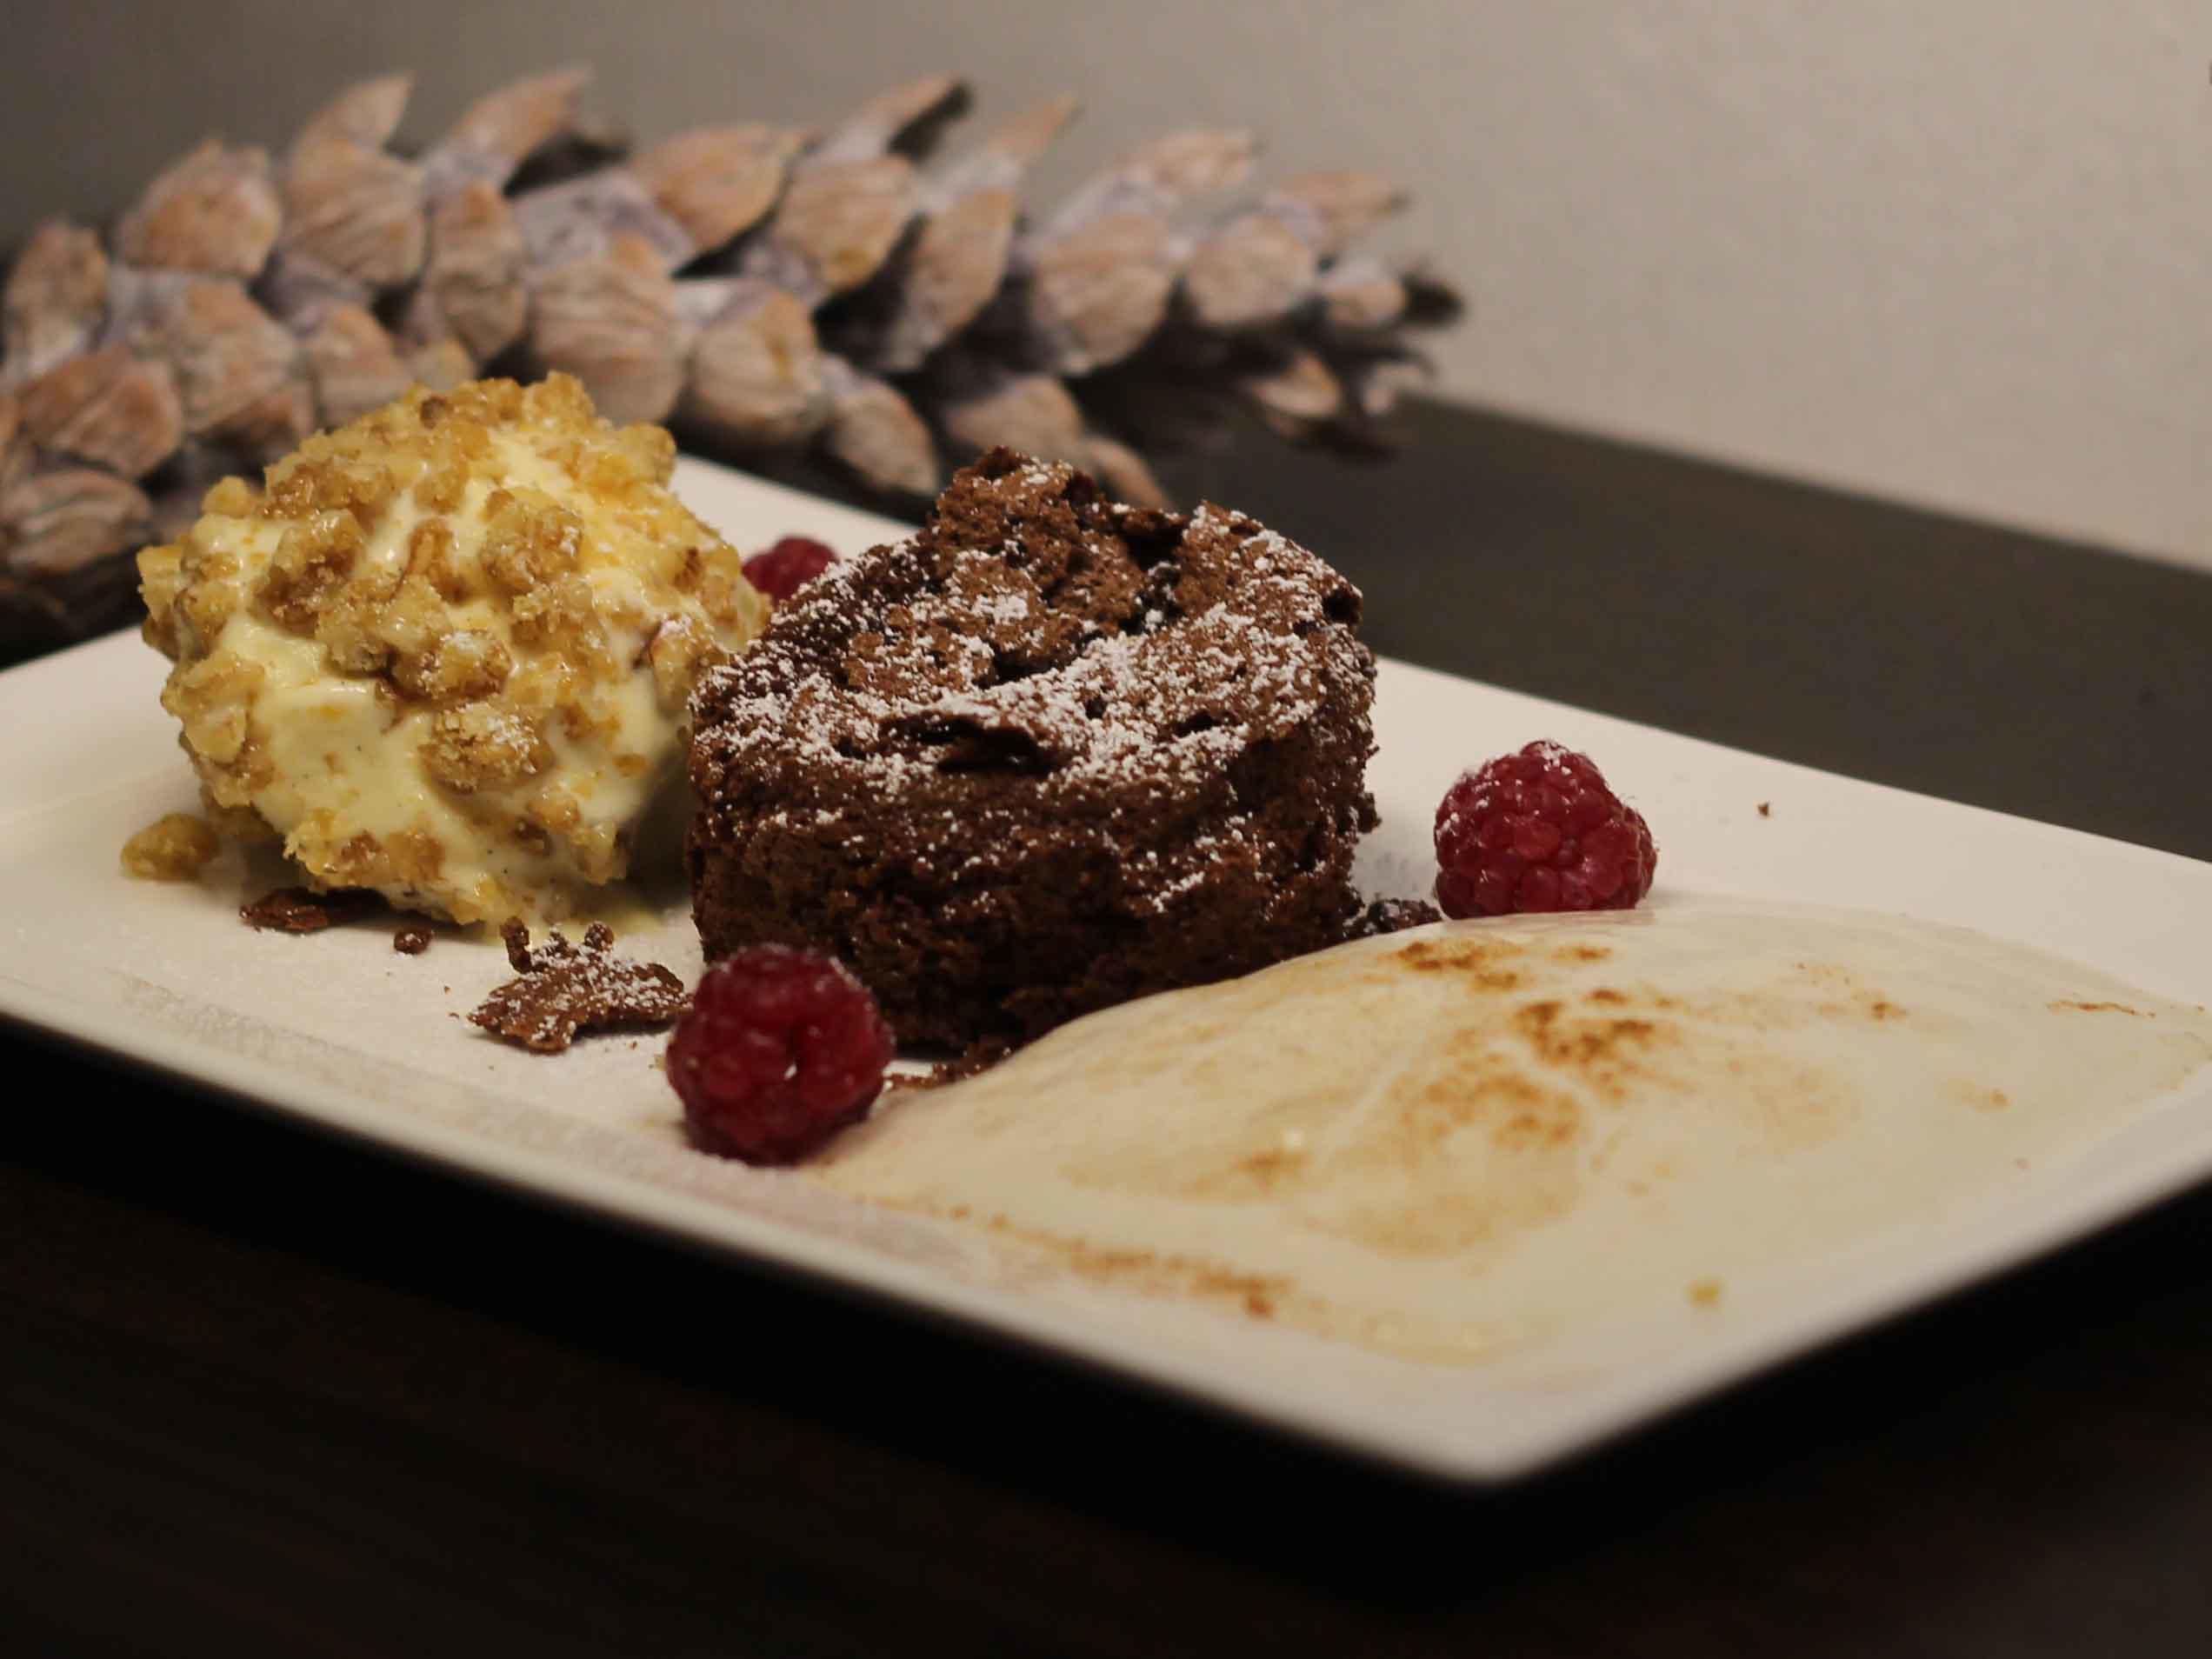 Schokoladensoufflé, Eierliköreis im Walnusskrokantmantel und Birnen-Espuma - Rezept Von Einsendungen Das perfekte Dinner